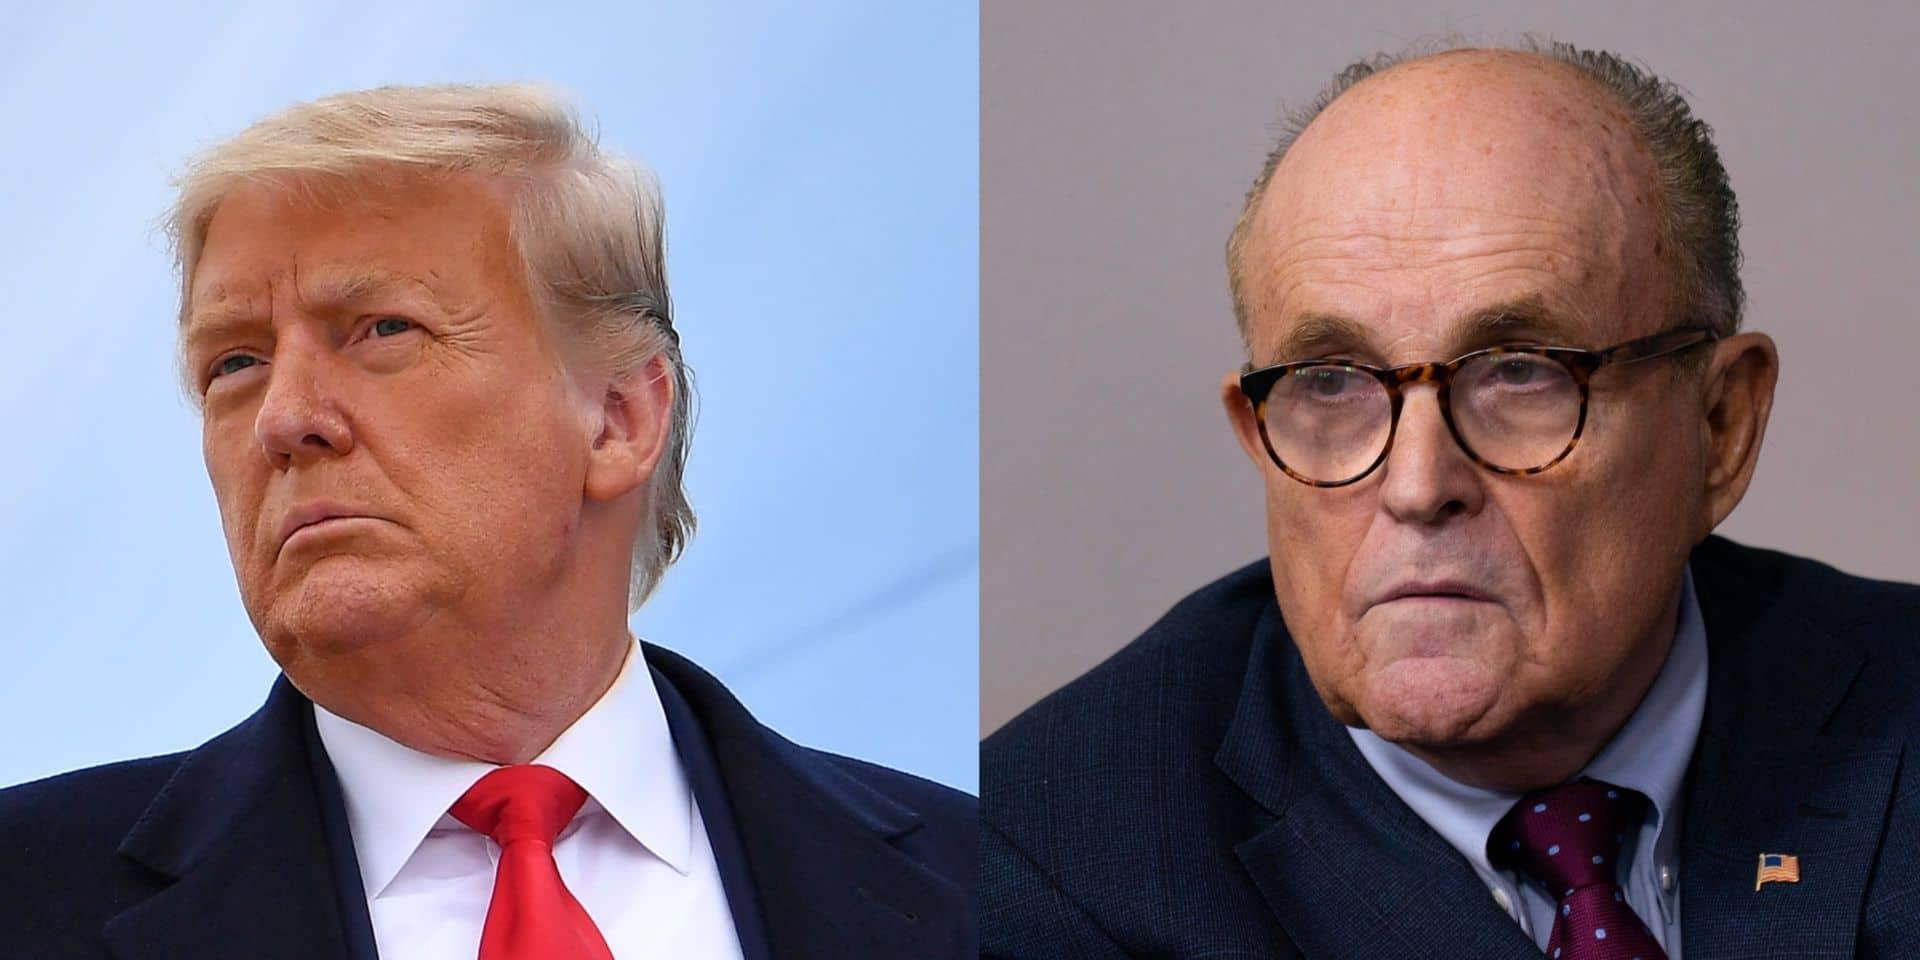 Le torchon brûle entre Donald Trump et son avocat: le président refuserait de payer Giuliani